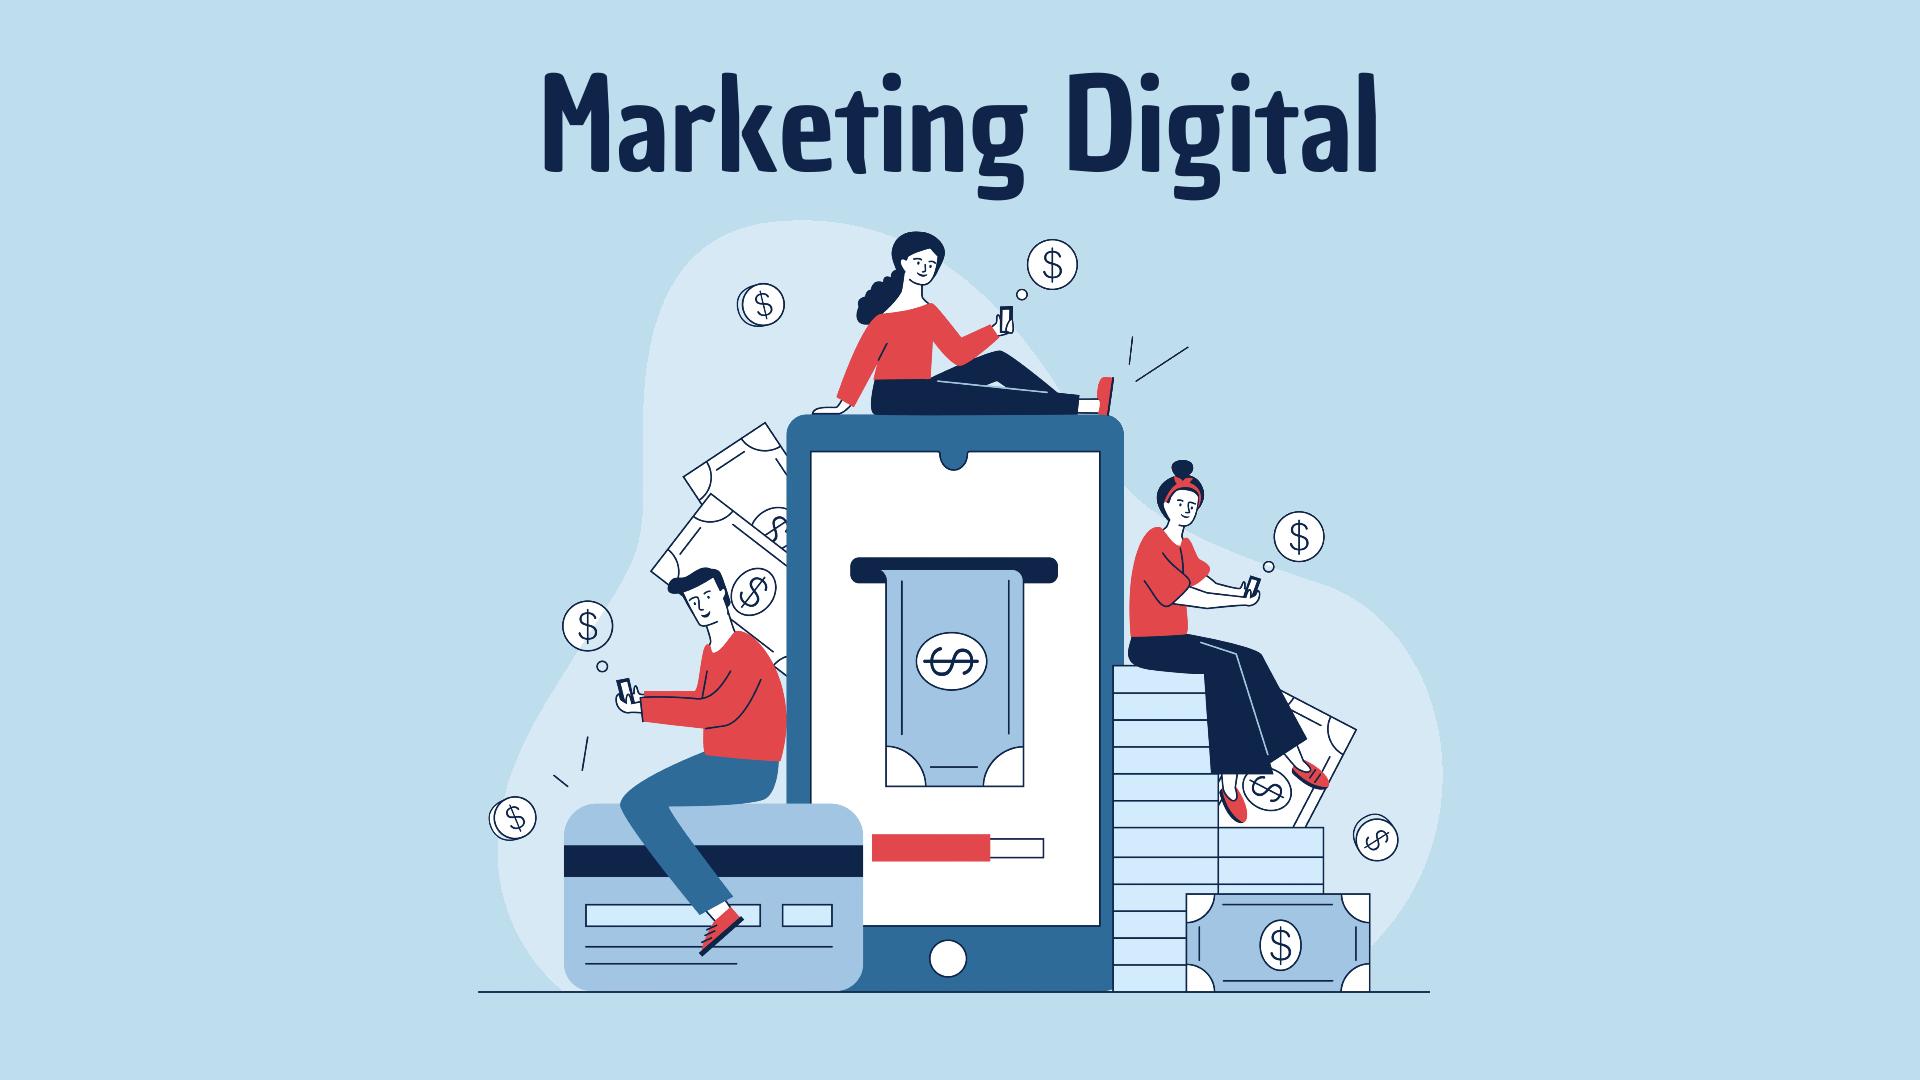 Marketing Digital - Como GANHAR DINHEIRO com Marketing Digital: 7 Formas INCRÍVEIS que REALMENTE Funcionam